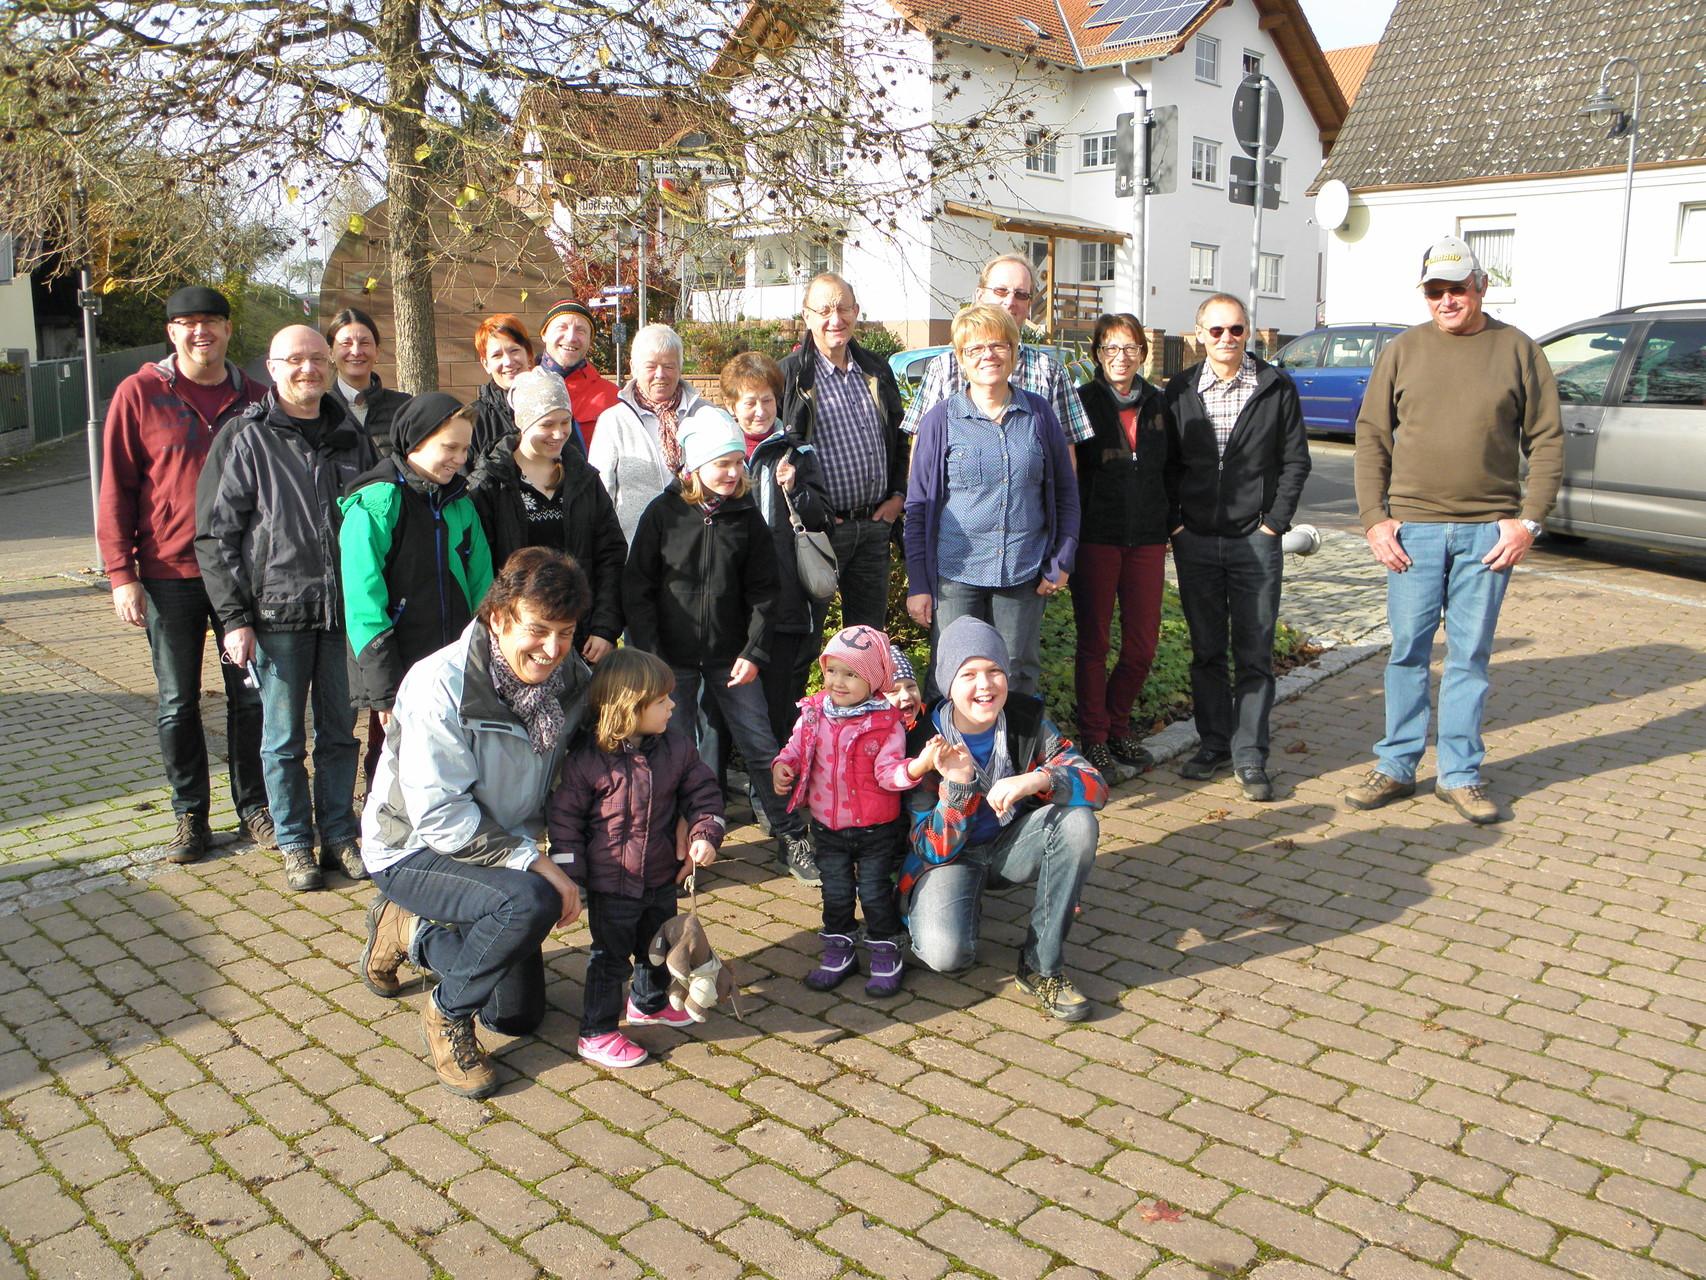 Mühlenwanderung Schollbrunn am 9. November - aus der Sonne (Dornau) in den Nebel (Schollbrunn)